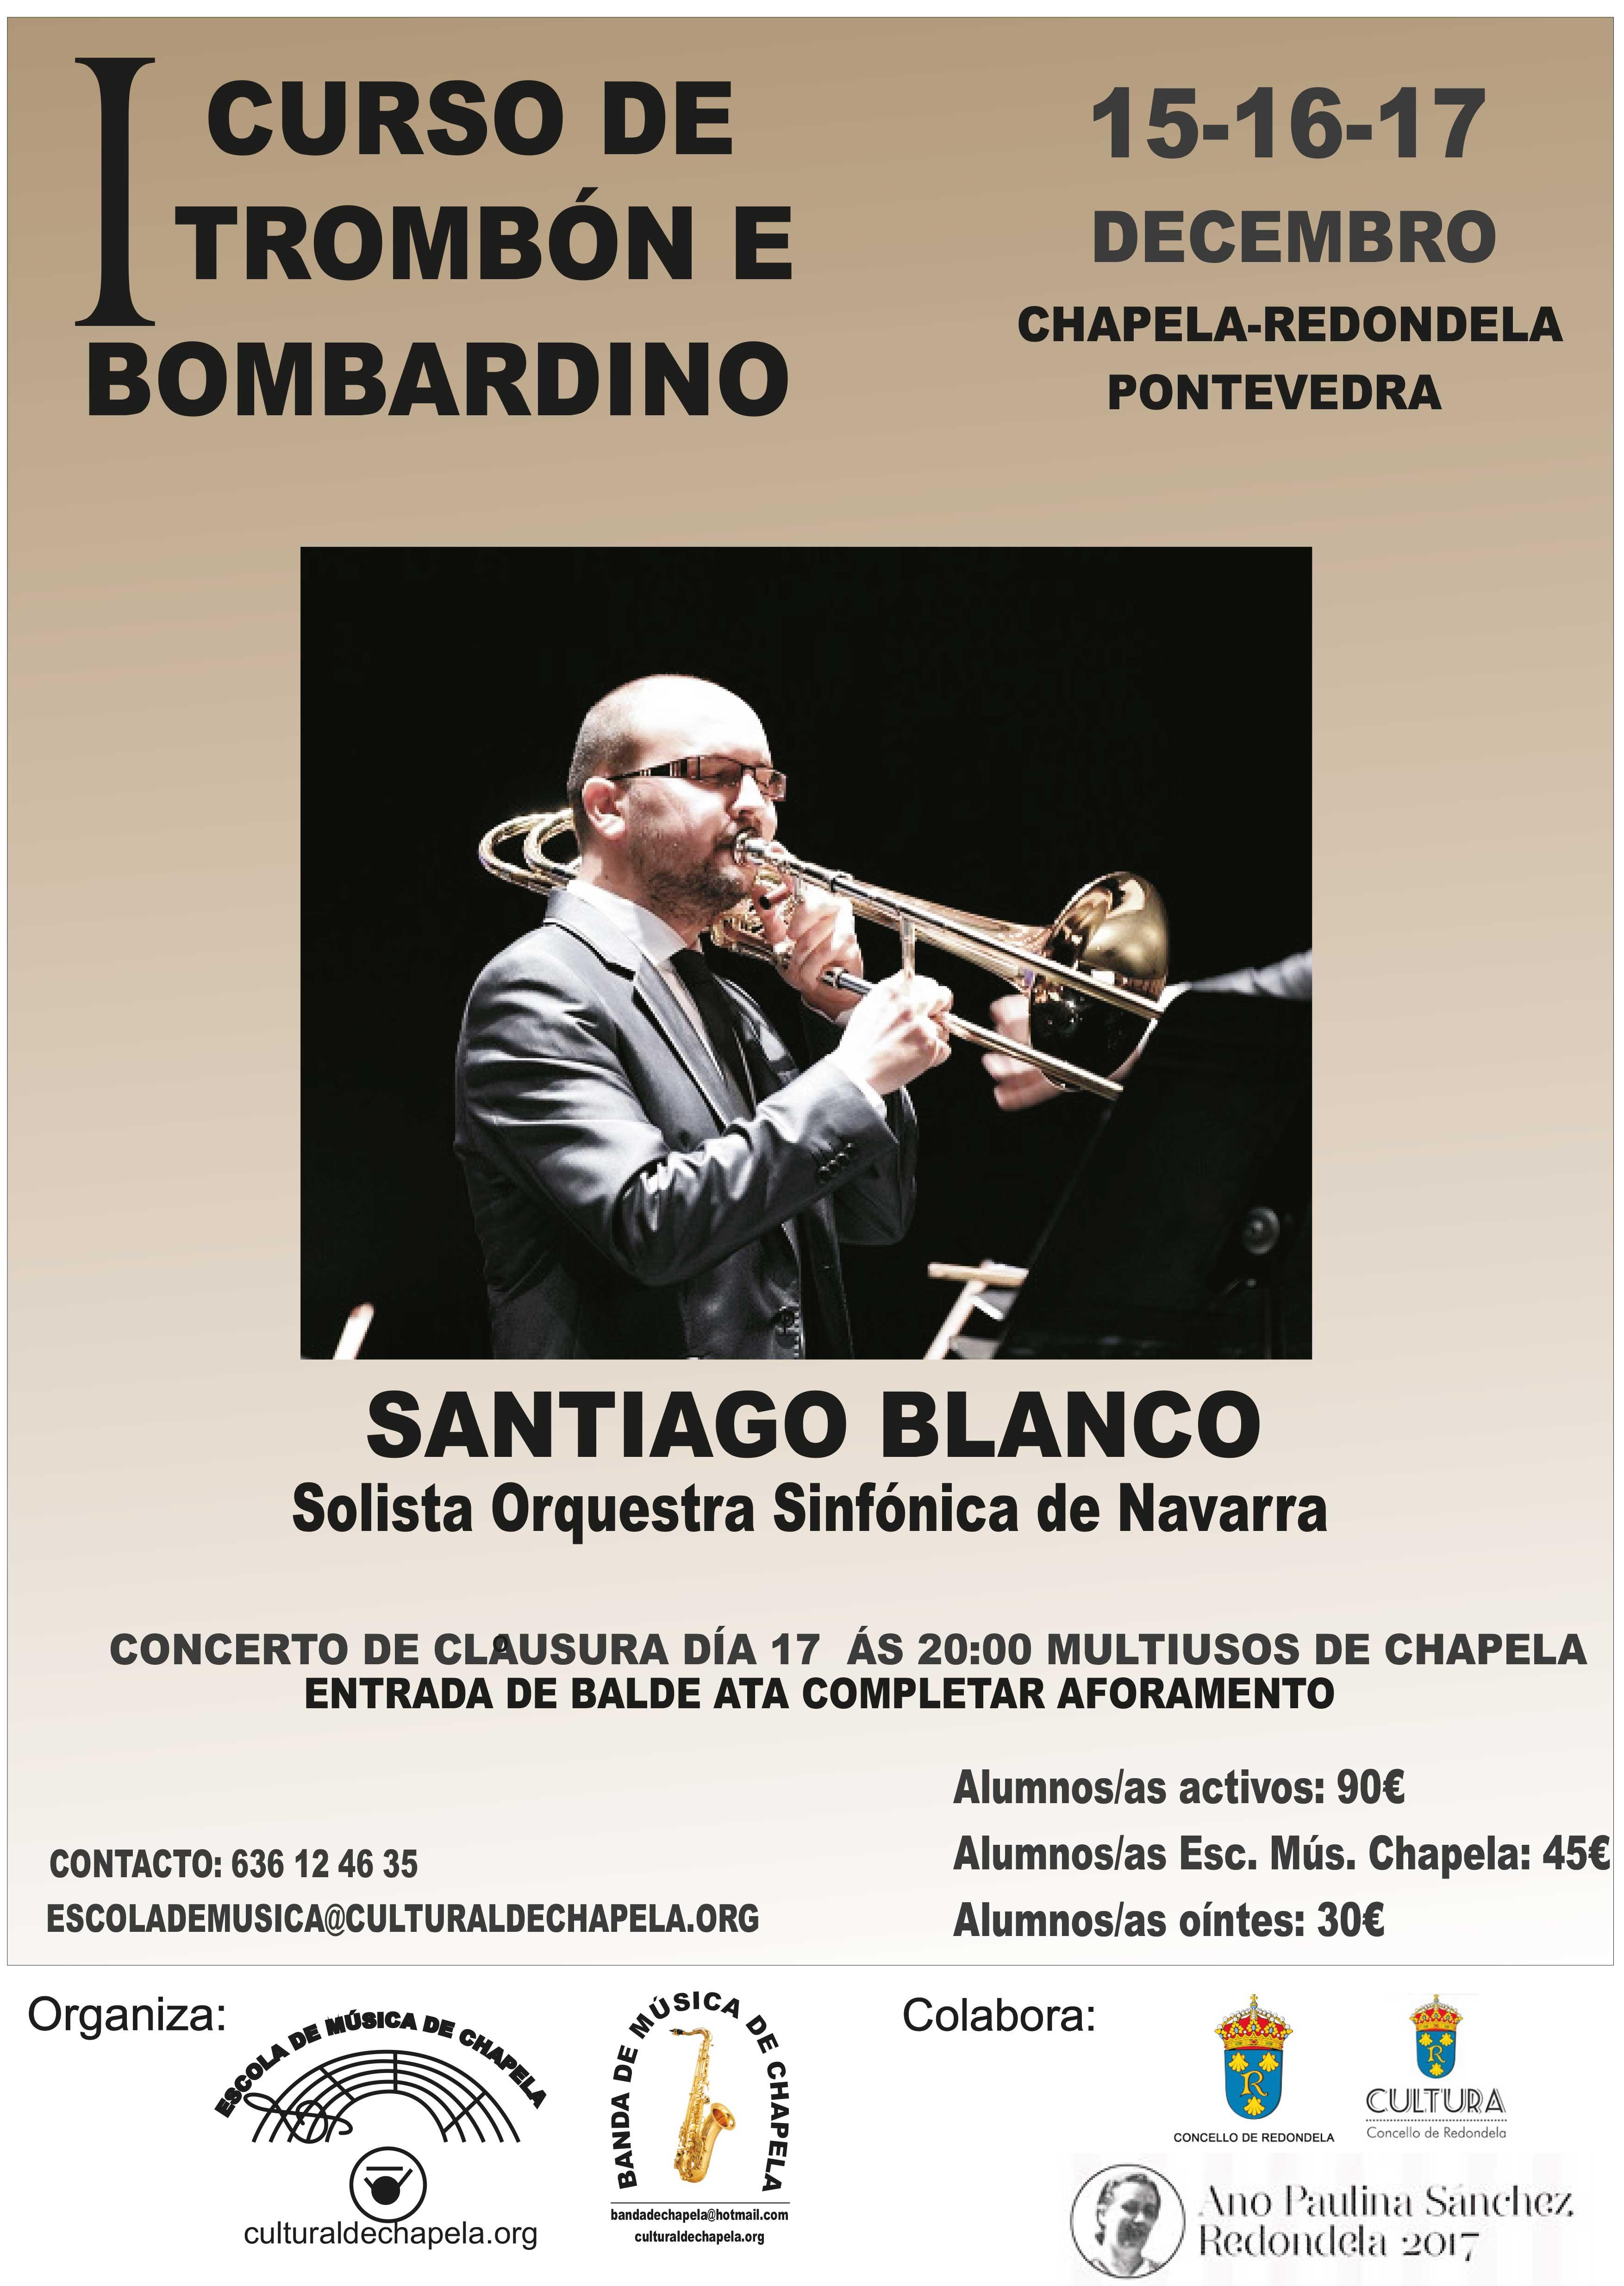 I Curso Trombón Y Bombardino – Chapela